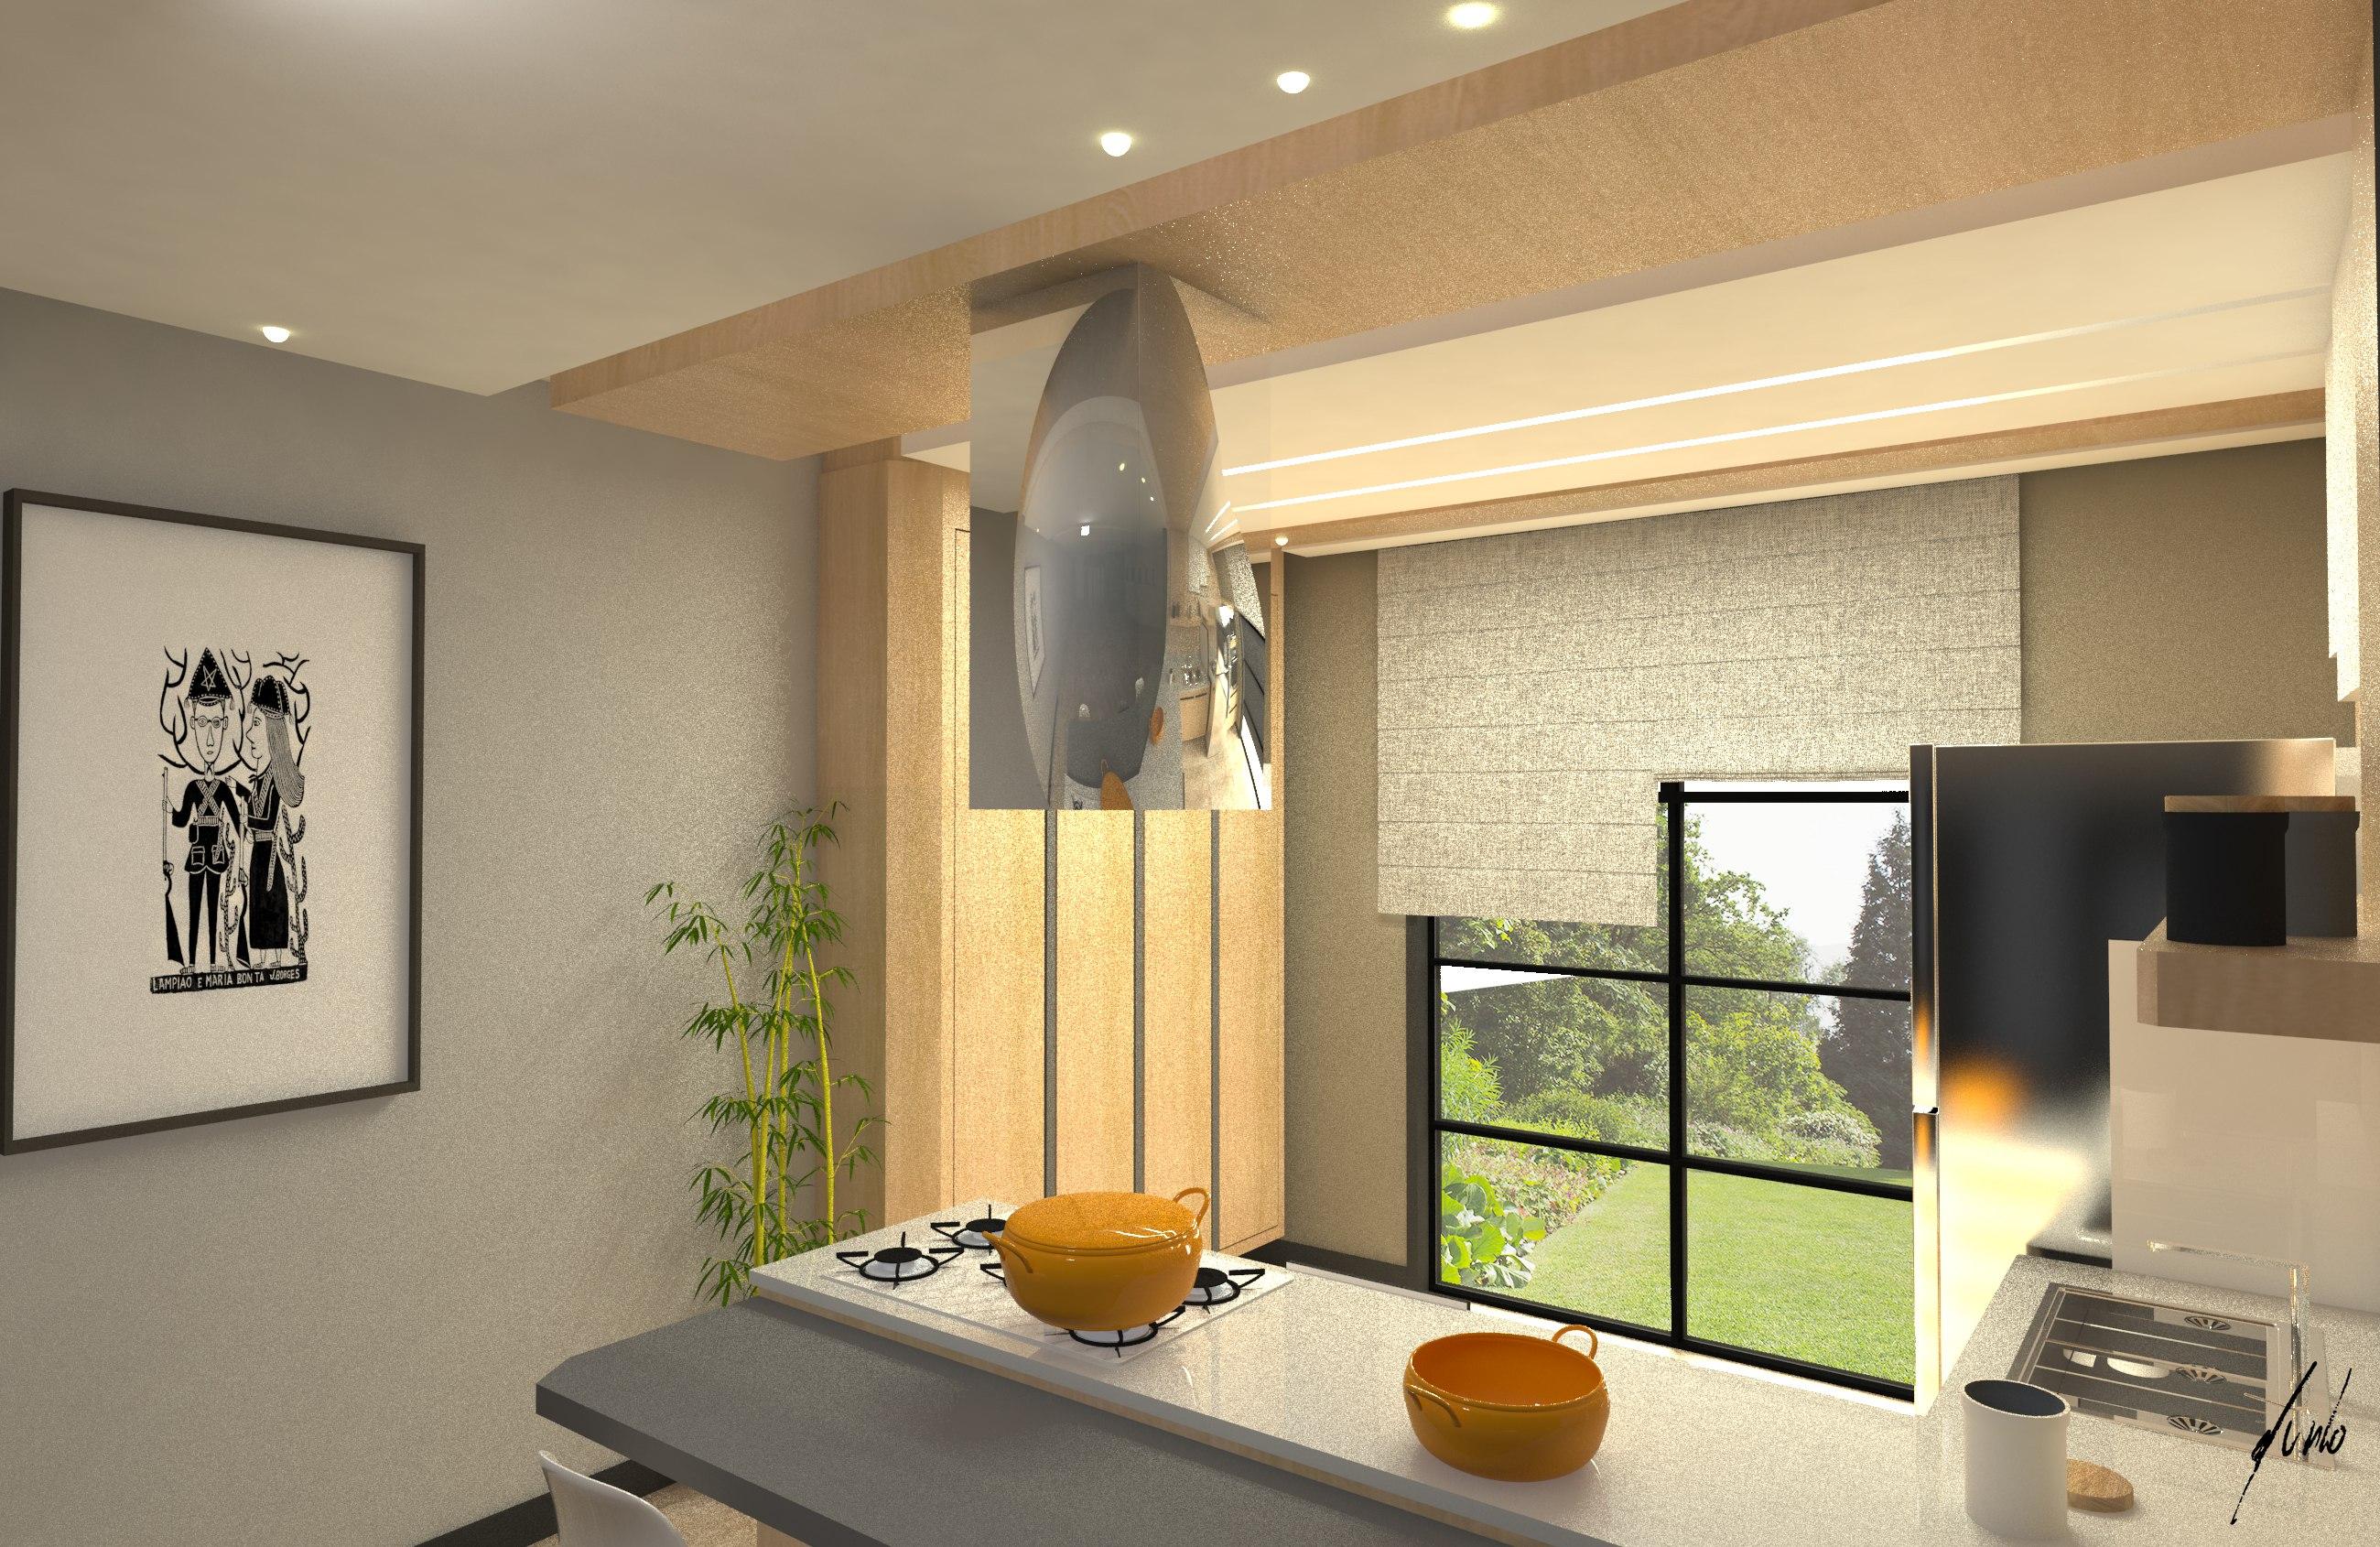 Cozinha moderna, minimalista, com ilha, em cinza e madeirados de tons quentes - Projeto de design por Murilo Zadulski - Designer de interiores em curitiba - img0107